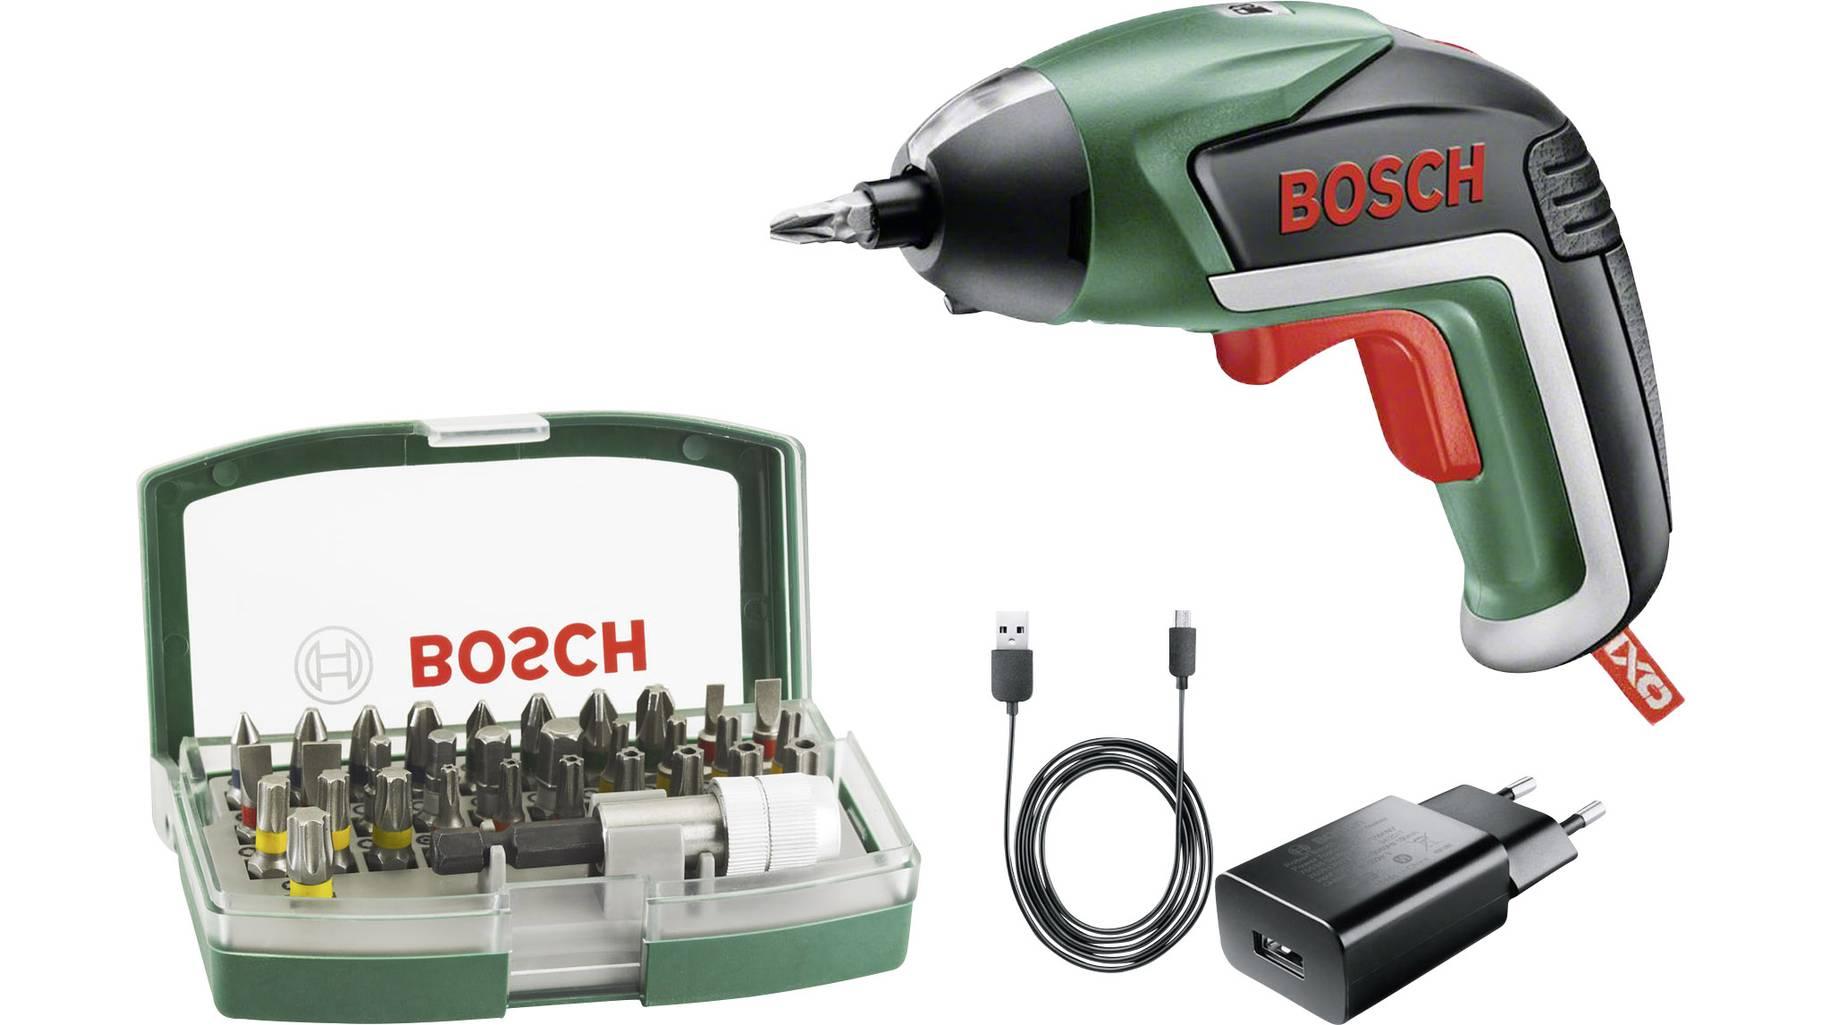 Bosch Akku-Schrauber IXO V 3,6V inkl. 32-teiliges Bitset für 29,11€ inkl. Versandkosten mit Sofortüberweisung